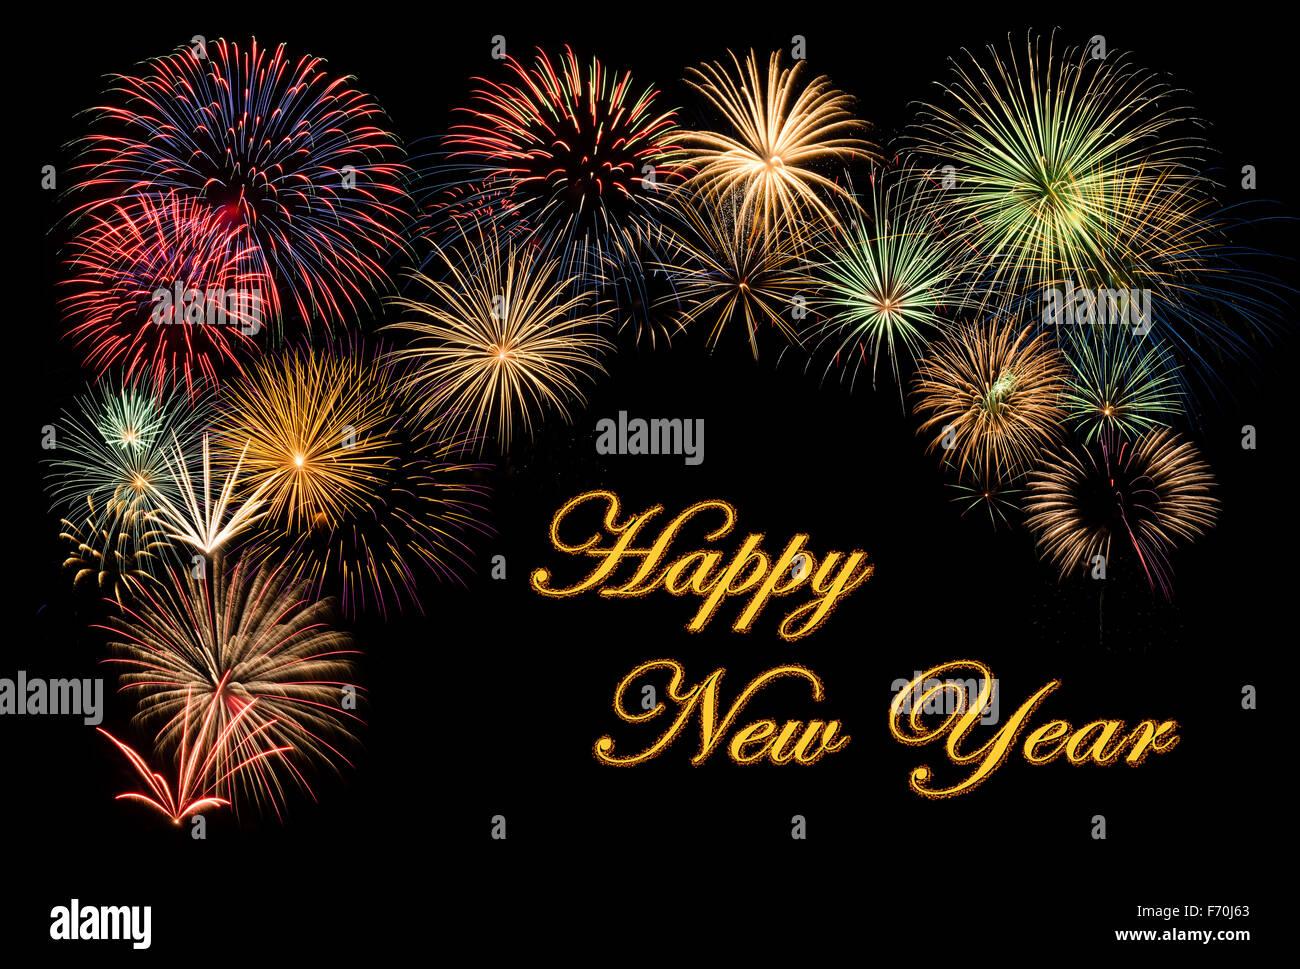 Festlichen Feuerwerk für ein frohes neues Jahr Wünsche Stockfoto ...